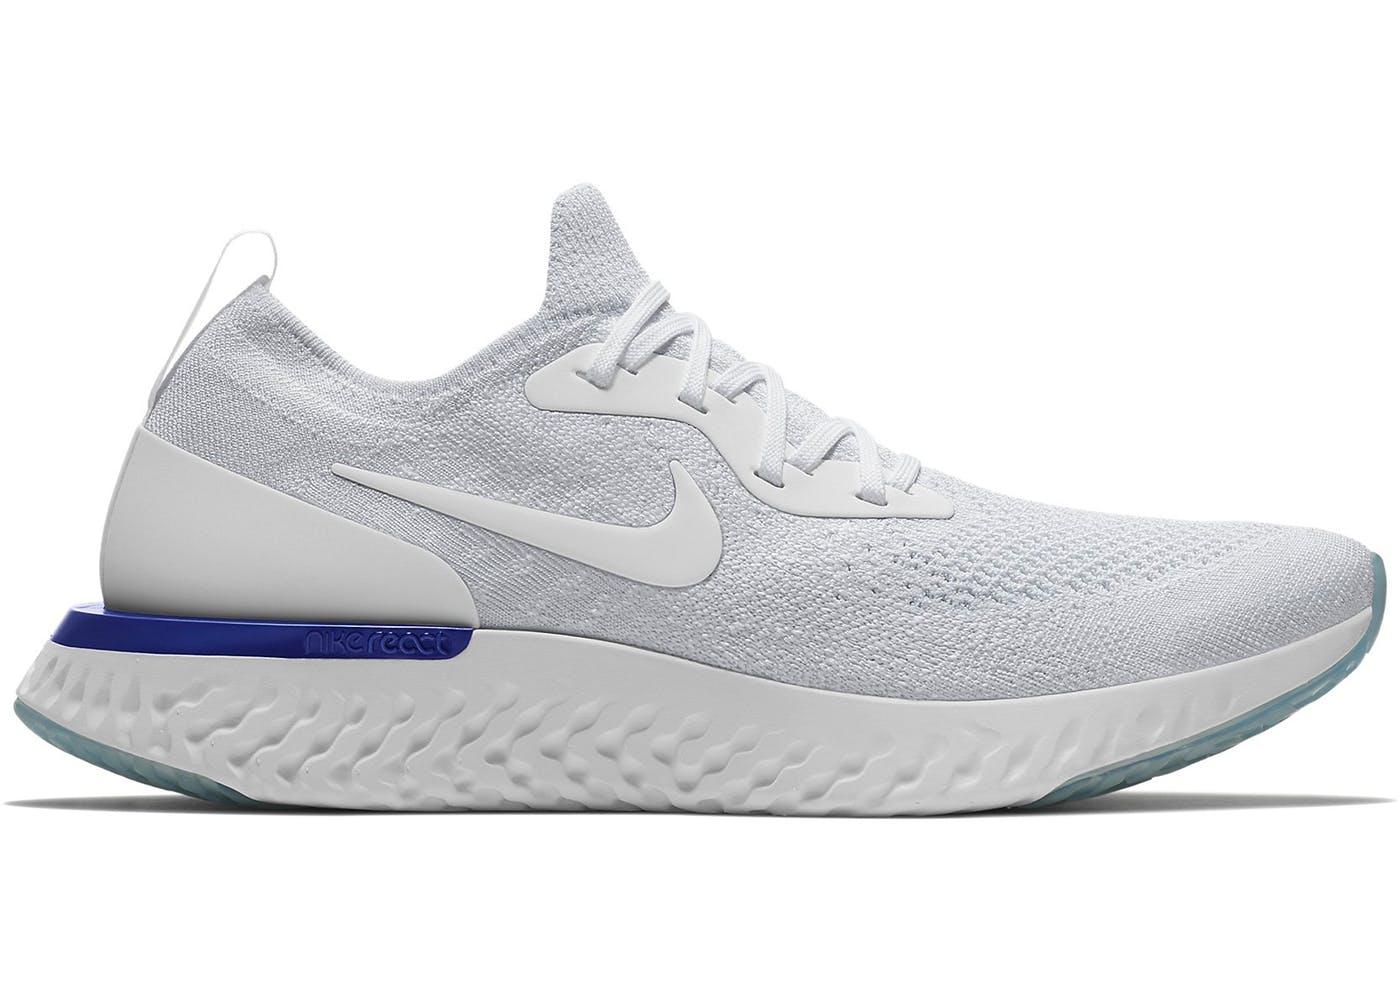 dédouanement nouvelle arrivée authentique Nike Épique Réagir Vs Coup De Pouce Examen Et Un Ascenseur jeu eastbay dc1ELhlN10